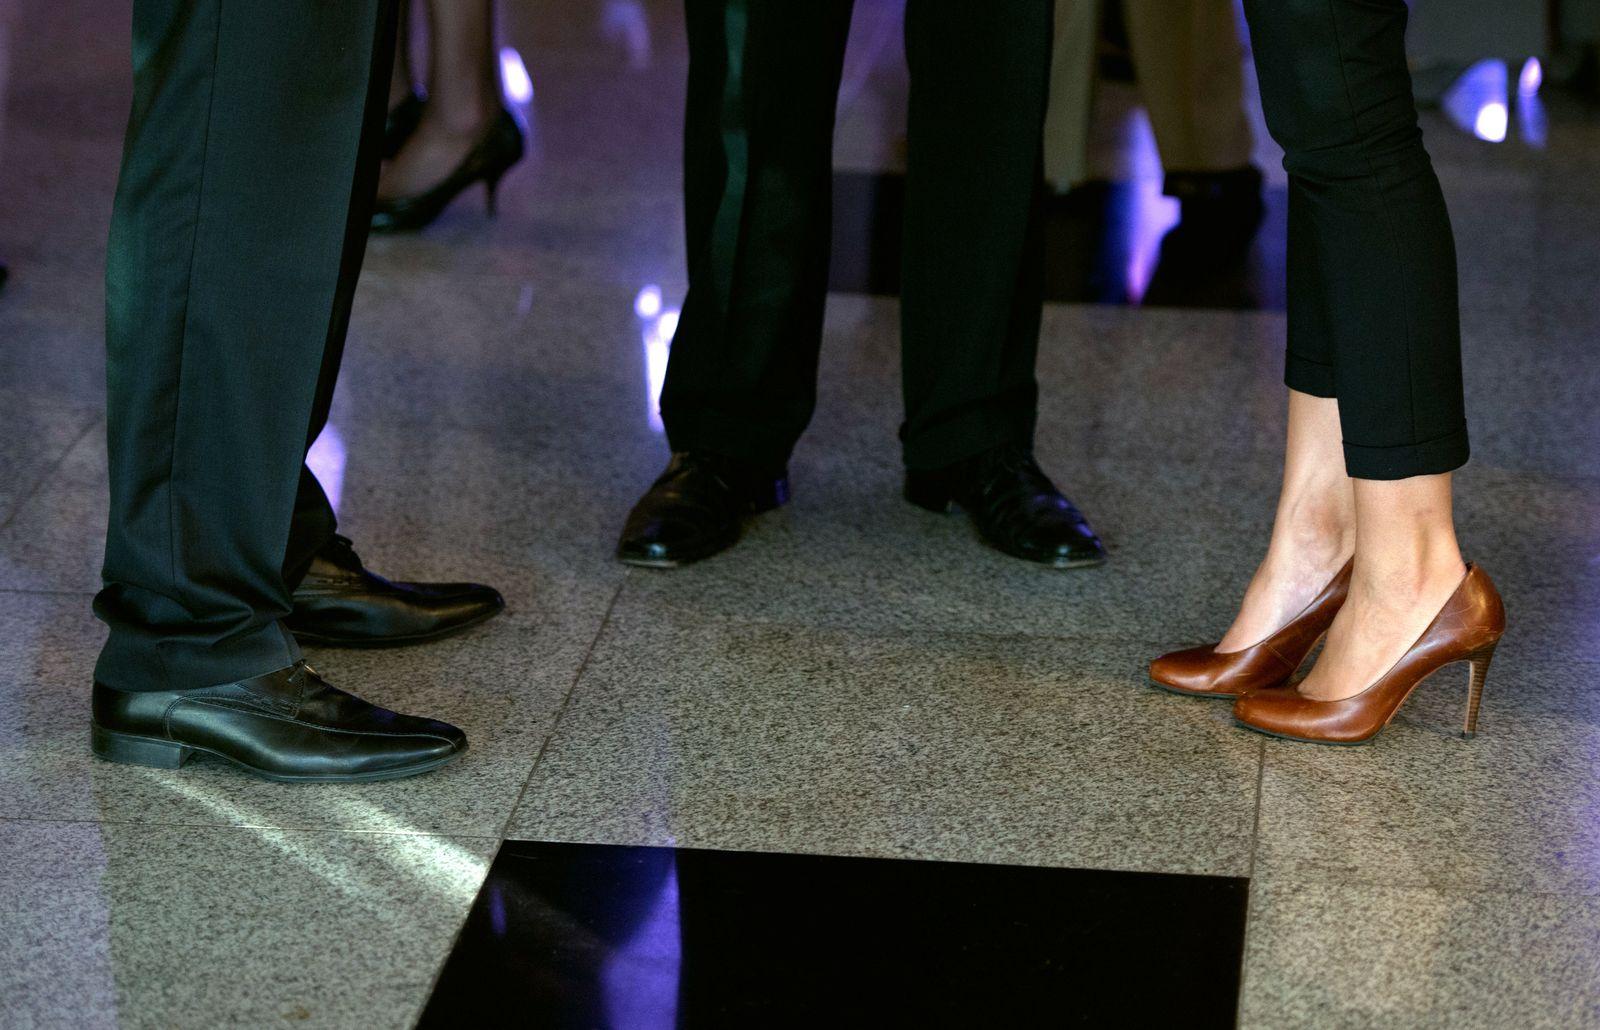 Füße von Männern und Frauen